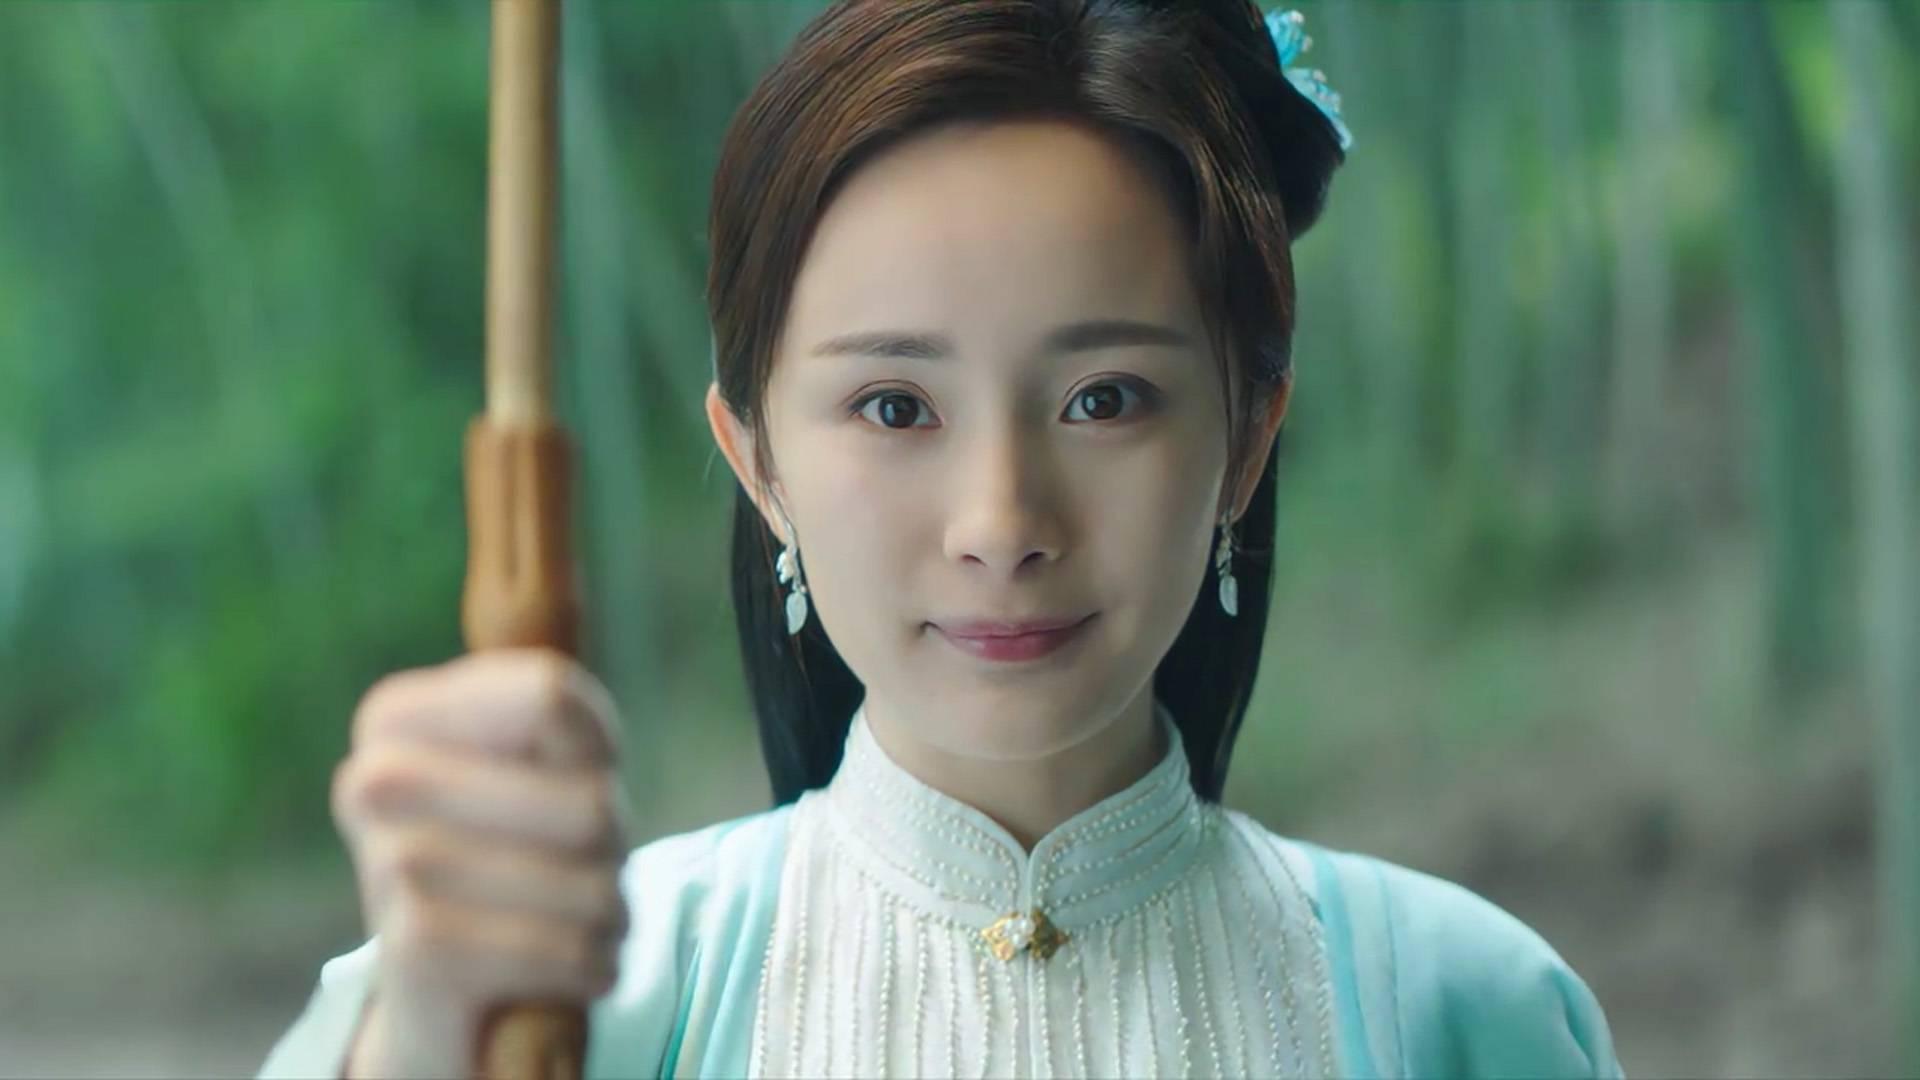 10月最热门的古风歌曲,撑伞接落花,仅凭一句粤语成为网络神曲!